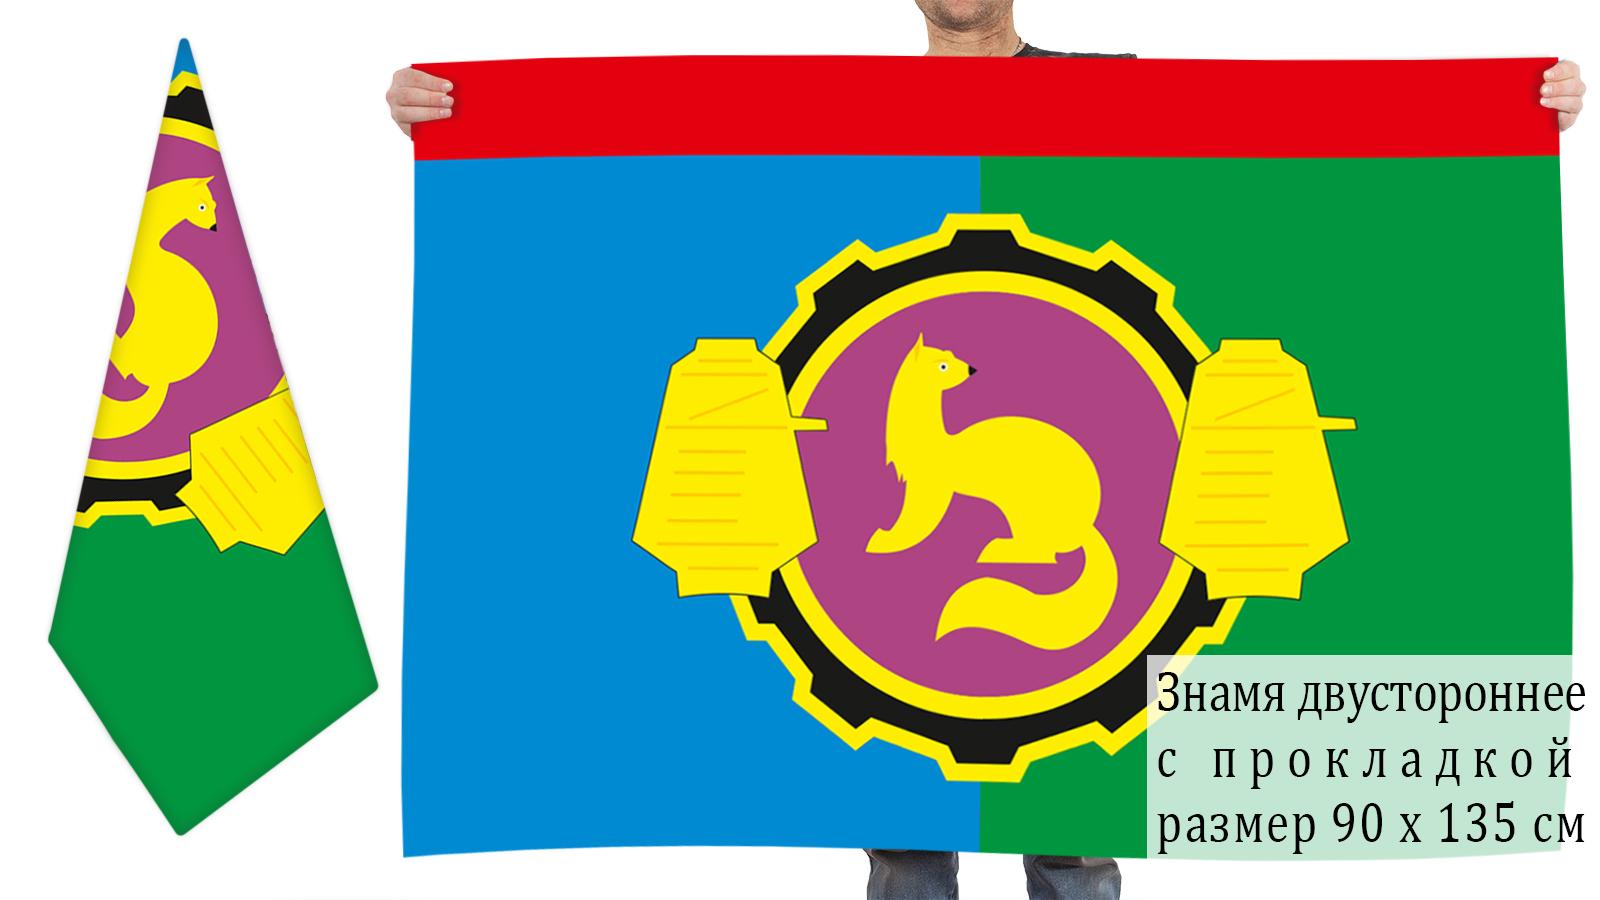 Двусторонний флаг Пушкинского района